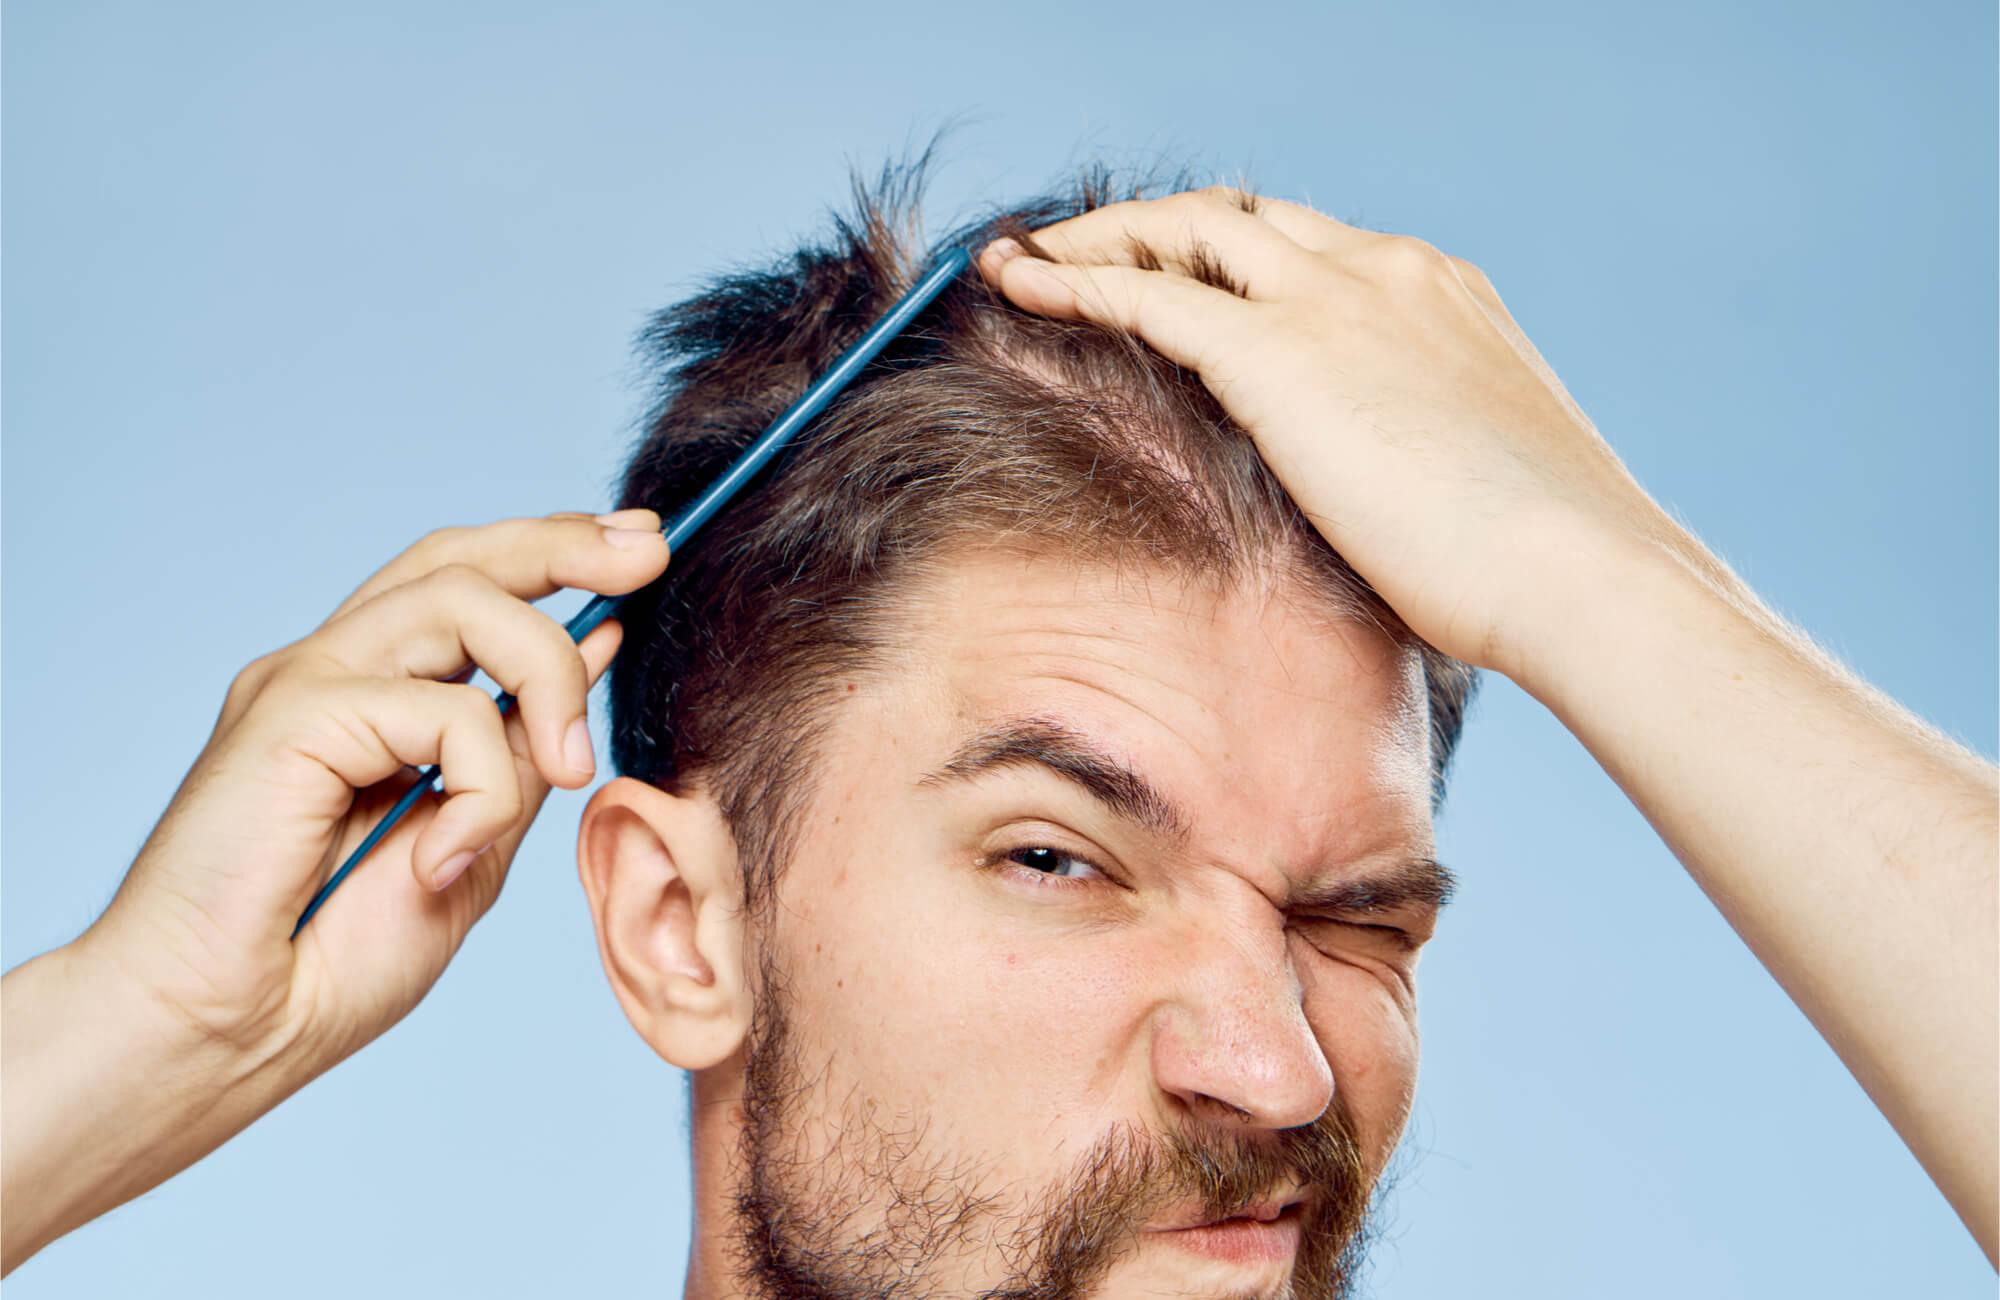 Pomade dan gel memiliki fungsi dasar yang sama yaitu untuk merawat rambut Anda Pomade terbuat dari bahan bahan alami sehingga dapat menjaga dan memiliki